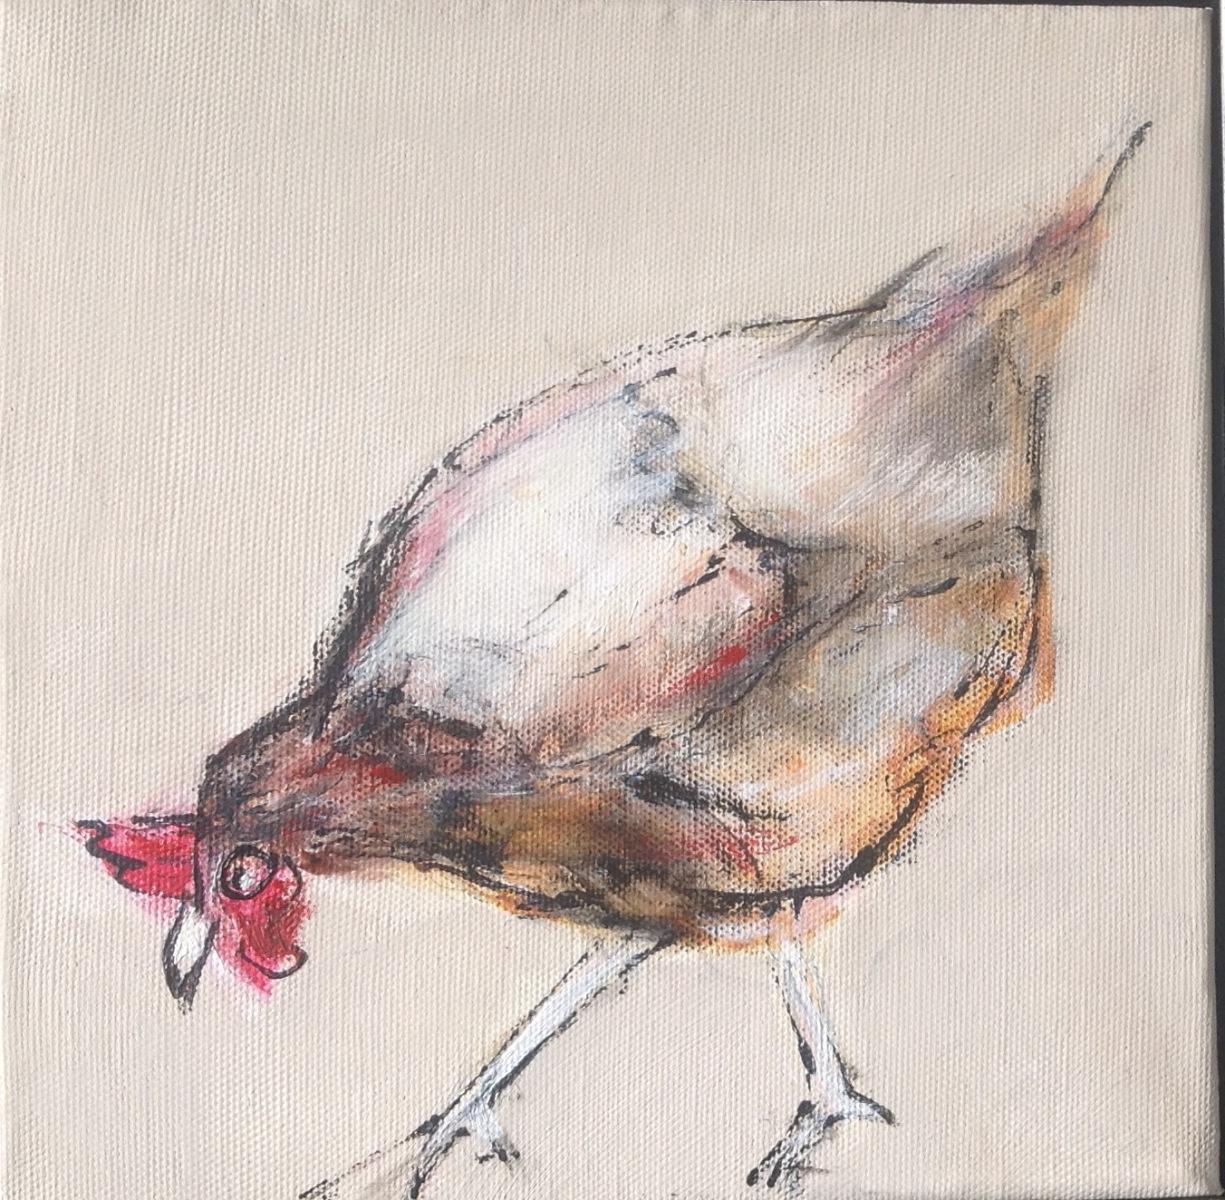 Høne 20 x 20 cm  solgt til Fi